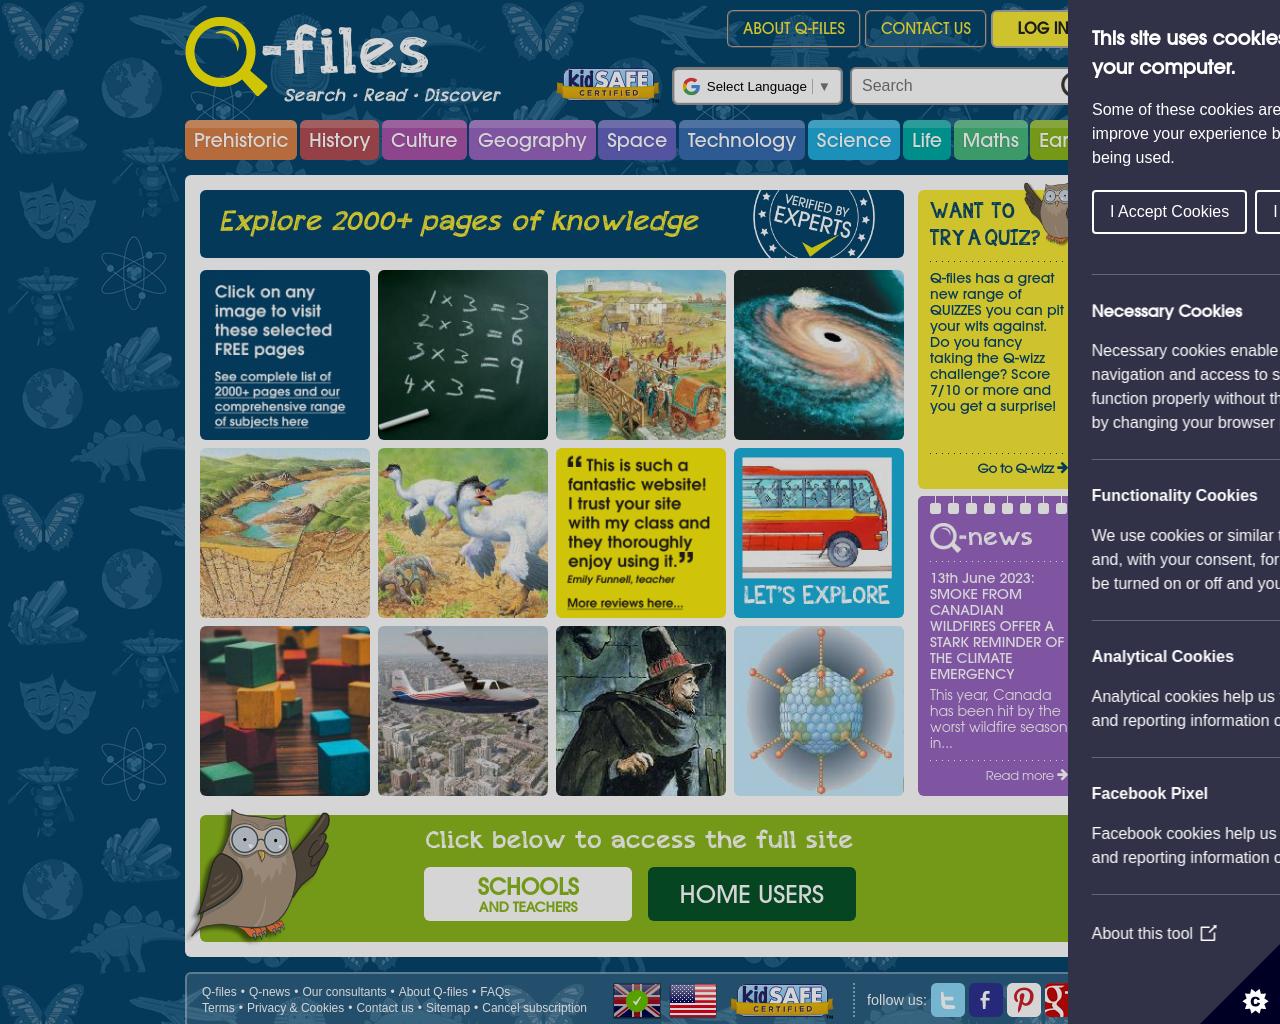 Q Files